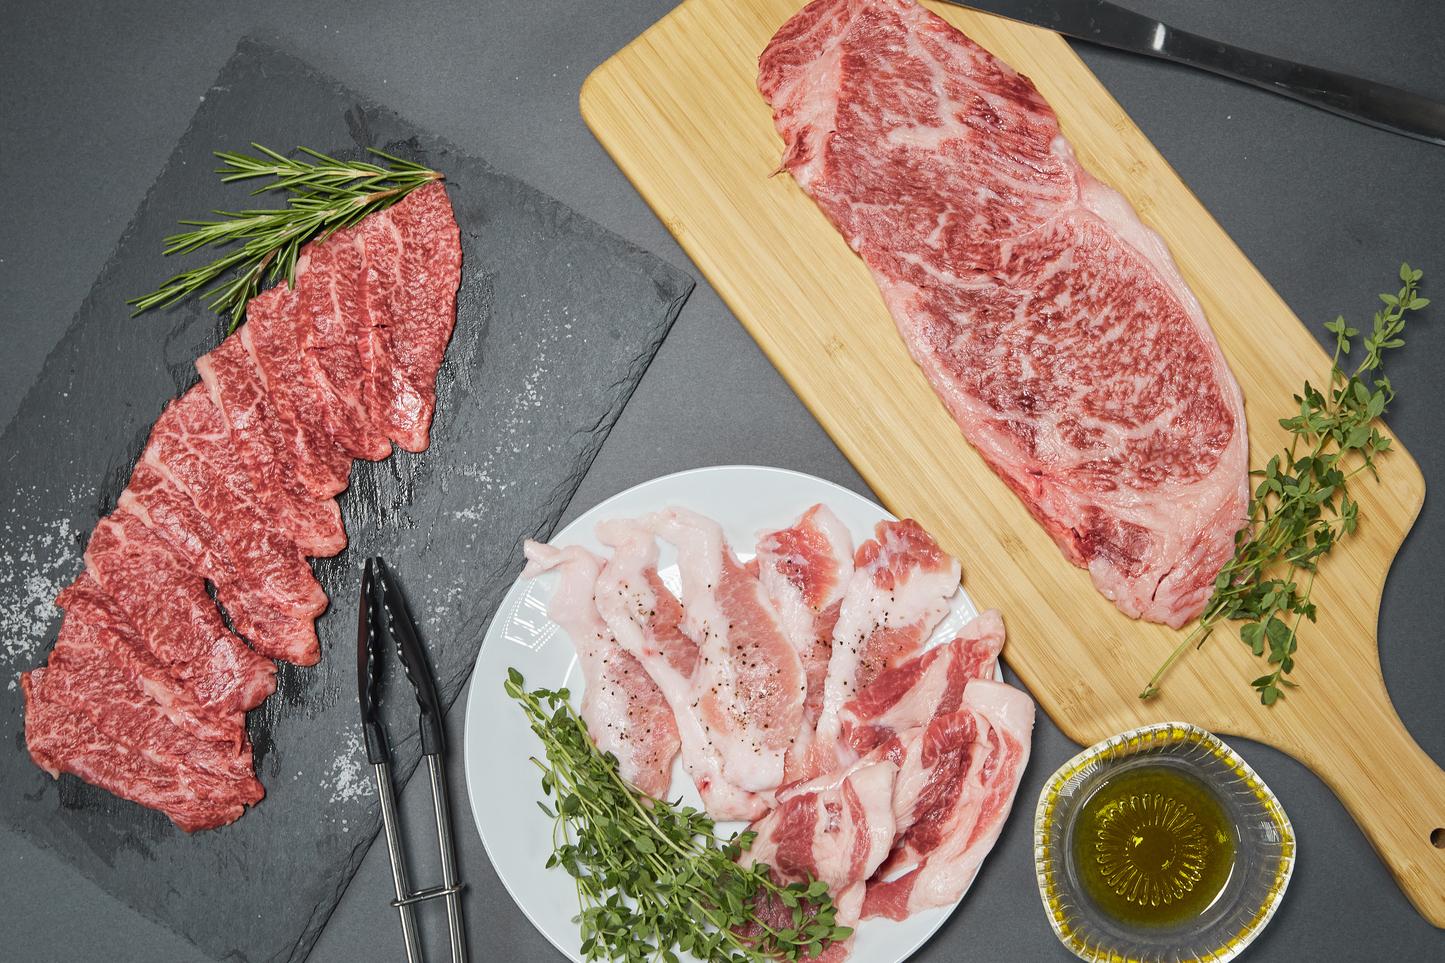 国産牛肉のキャンペーンやってます!今だけの限定価格です!